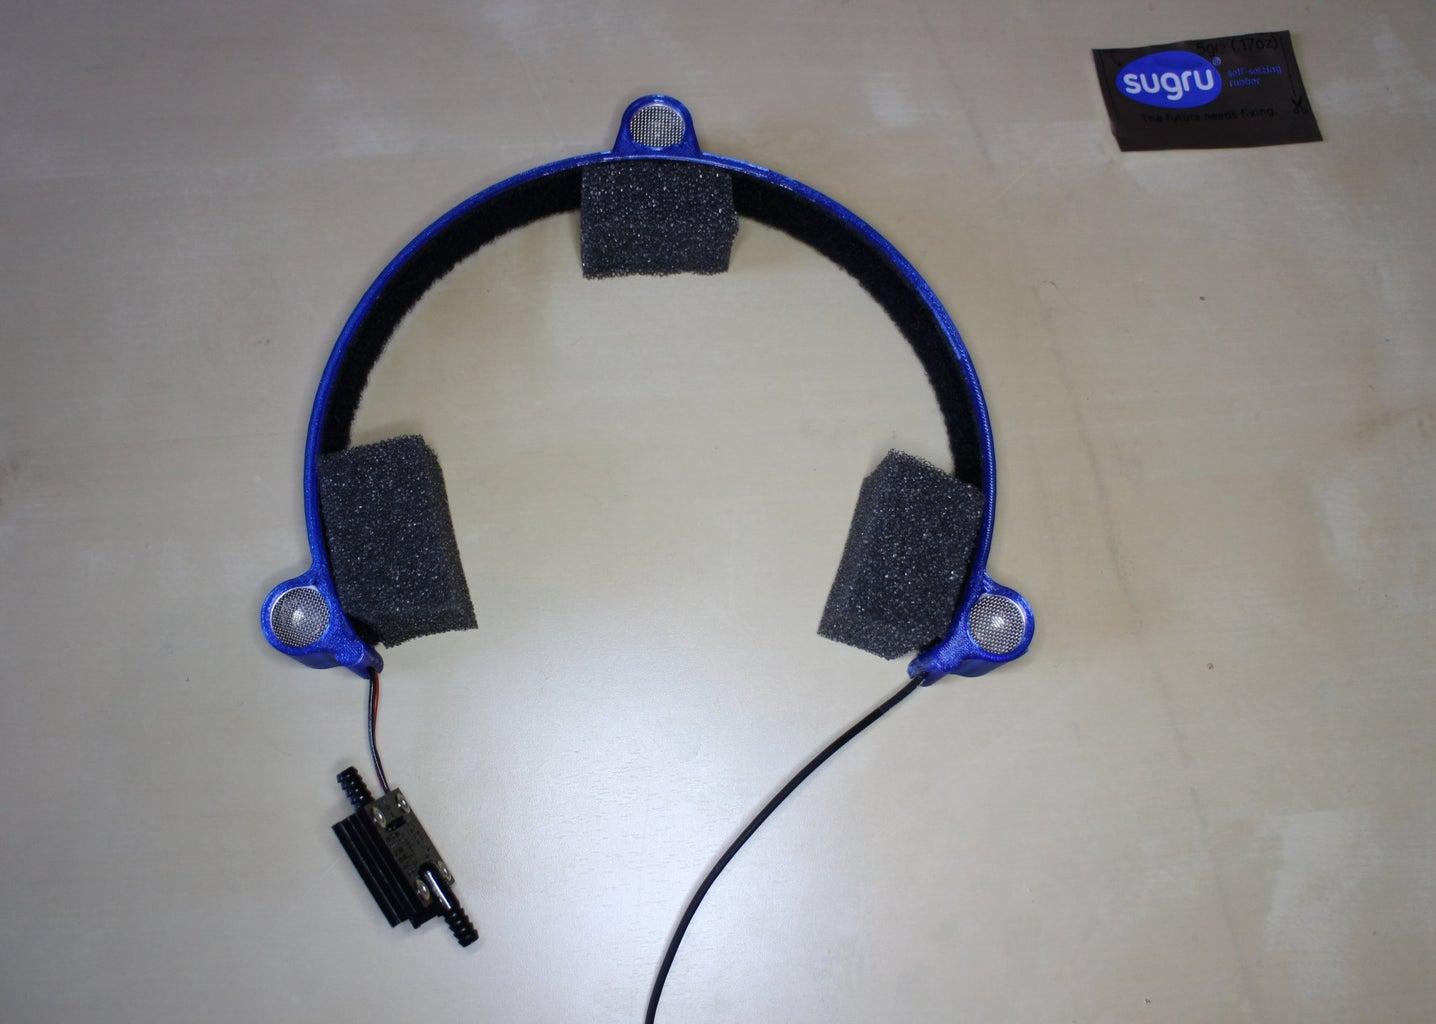 Ultrasonic Headtracker Mouse